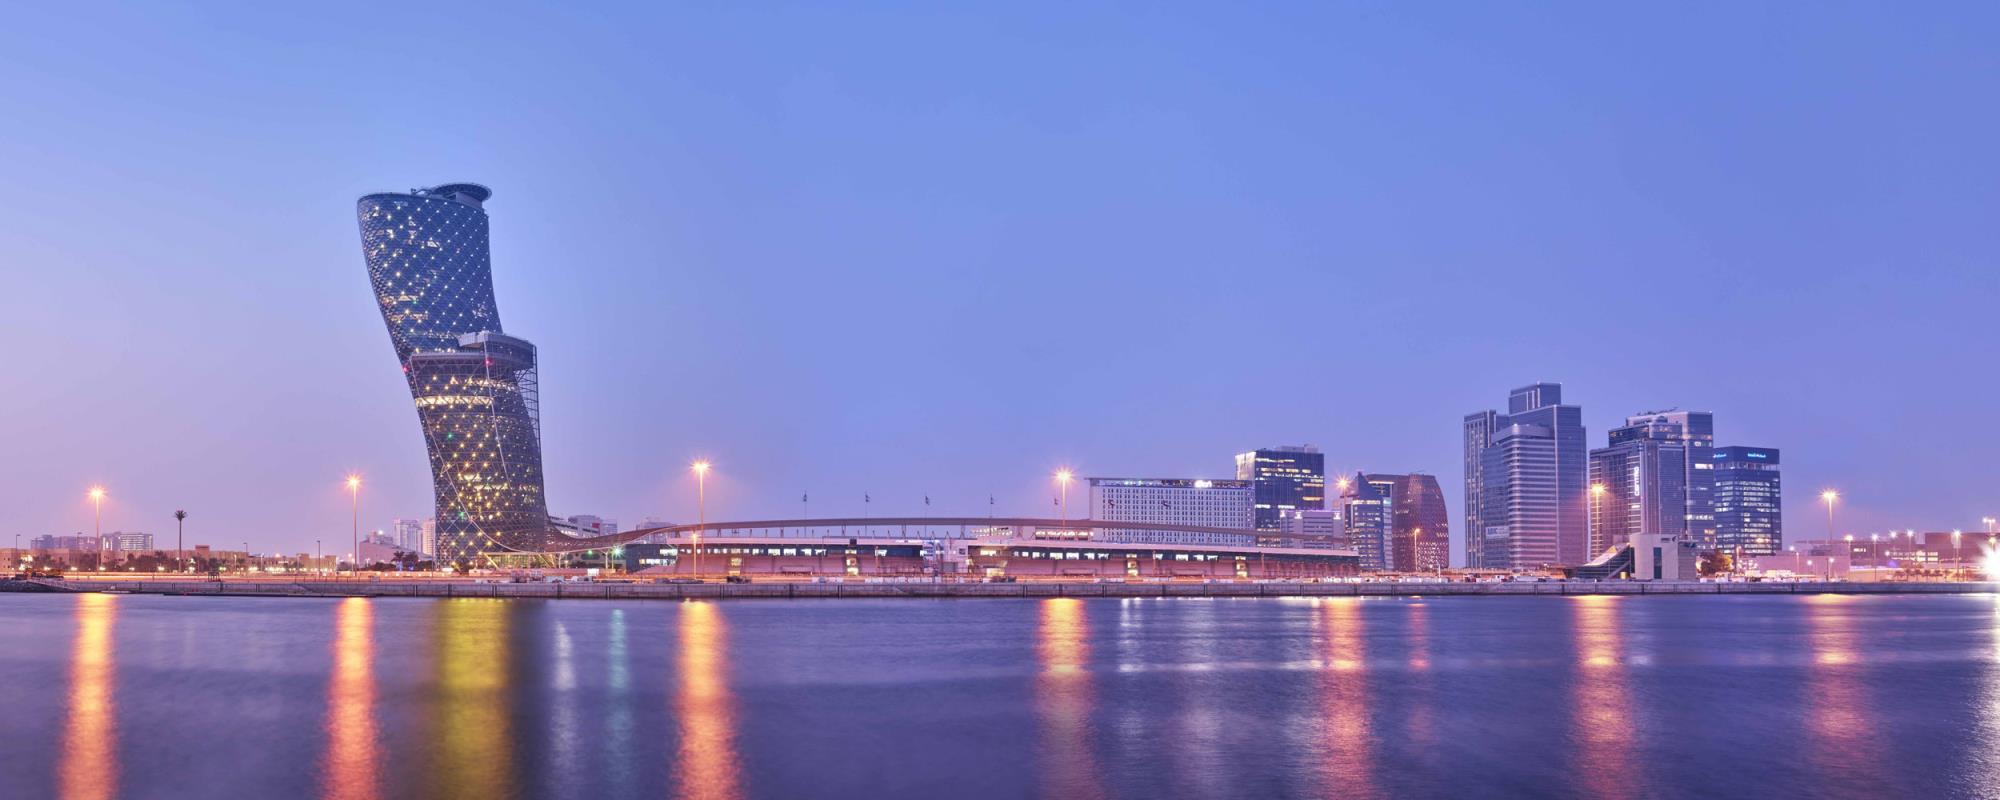 Hyatt Capital Gate Abu Dhabi Visitabudhabi Ae